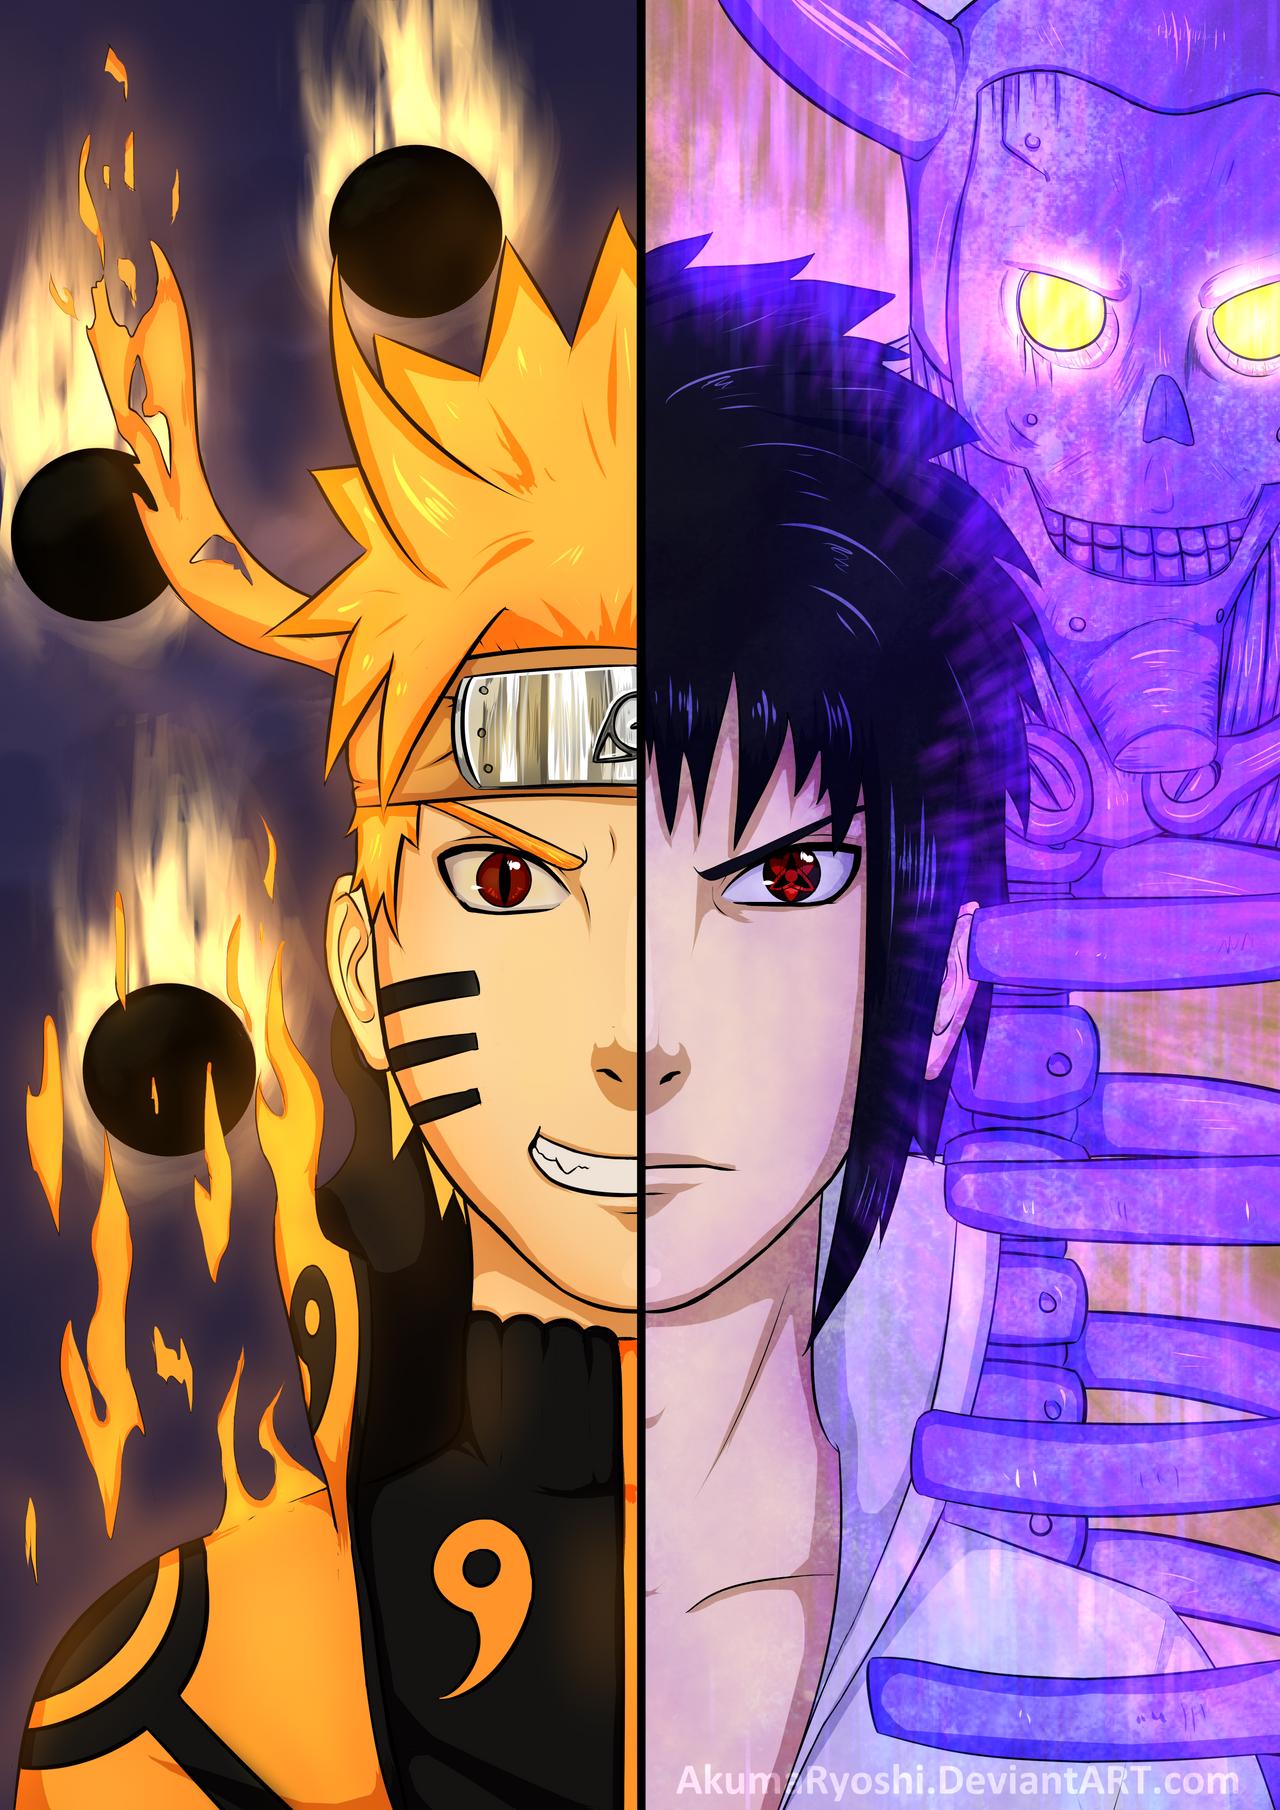 Naruto vs sasuke by akumaryoshi on deviantart - Naruto as sasuke ...